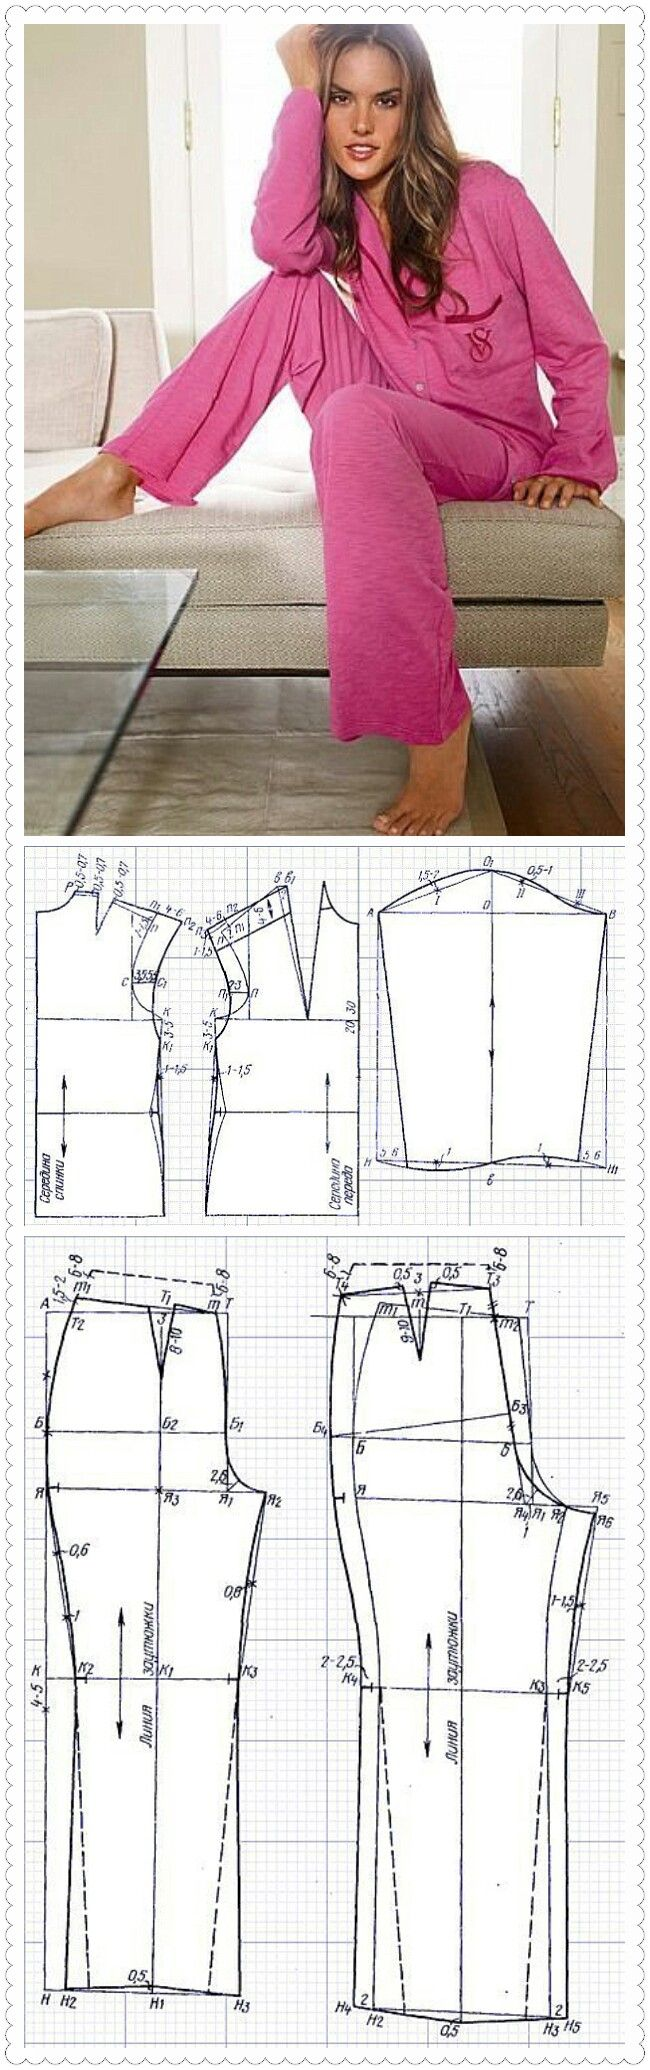 Выкройка пижамных штанов для мальчика, девочки